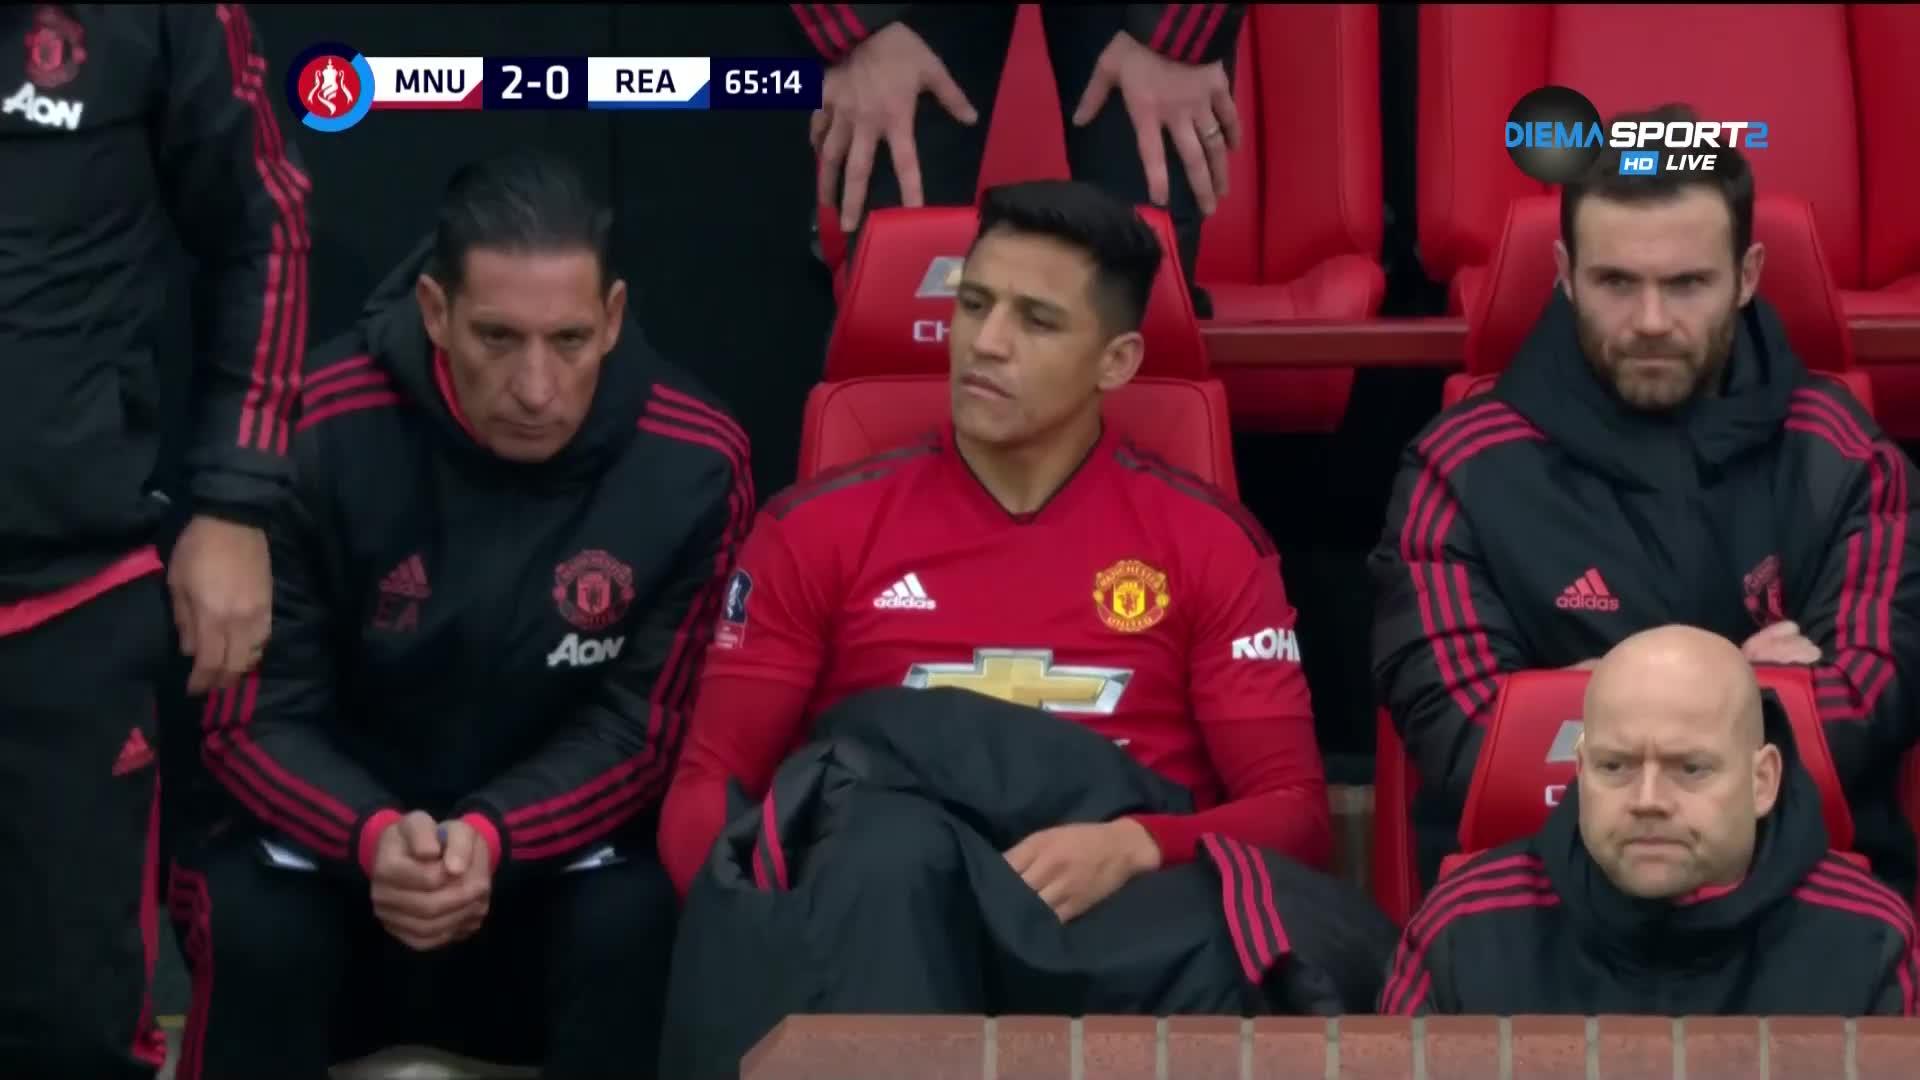 Санчес, така става като седнеш на мястото на треньора...